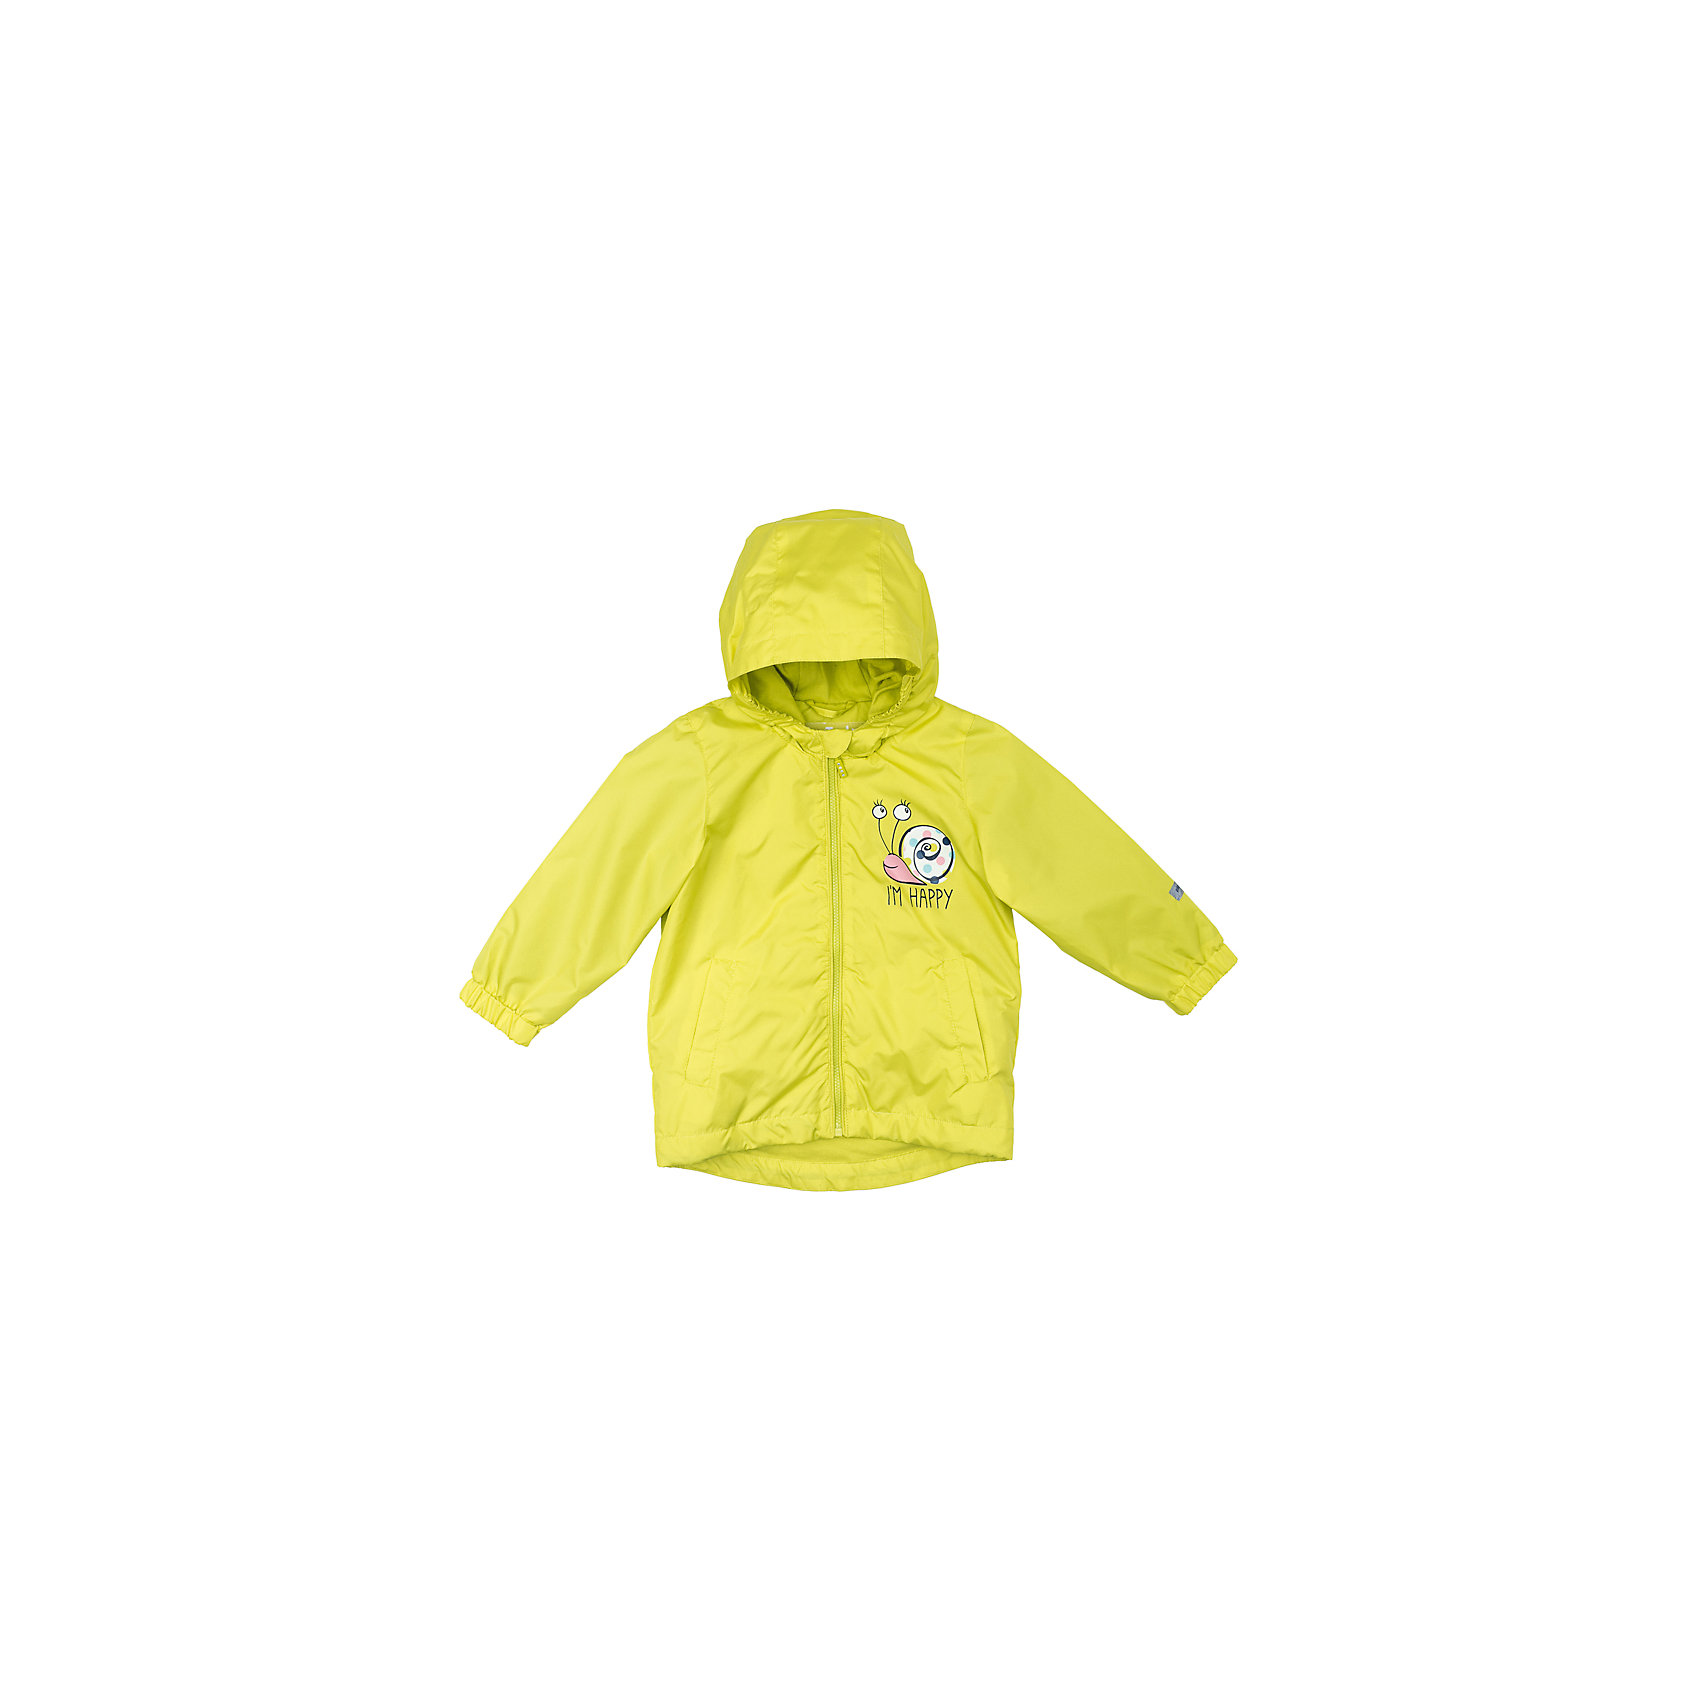 Куртка для девочки PlayTodayВерхняя одежда<br>Куртка для девочки PlayToday<br>Куртка со специальной водоотталкивающей пропиткой с заниженной спинкой защитит Вашего ребенка в любую погоду! Специальный карман для фиксации застежки - молнии не позволит застежке травмировать нежную кожу ребенка. Мягкие резинки на рукавах и по низу изделия защитят Вашего ребенка - ветер не сможет проникнуть под куртку. Модель с резинкой на капюшоне - даже во время активных игр капюшон не упадет с головы ребенка. Модель на подкладке из натурального материала. Подойдет даже для самых активных детей - подкладка хорошо впитывает влагу. Наличие светоотражателей обеспечит безопасность Вашего ребенка - он будет виден в темное время суток. Модель декорирована ярким принтом.Преимущества: Защита подбородка. Специальный карман для фиксации застежки - молнии не позволит застежке травмировать нежную кожу ребенкаНатуральная ткань подкладки хорошо впитывает влагу, приятна к телу и не вызывает раздраженийСветоотражатели на рукаве и по низу изделия.<br>Состав:<br>Верх: 100% полиэстер, подкладка: 80% хлопок, 20% полиэстер<br><br>Ширина мм: 356<br>Глубина мм: 10<br>Высота мм: 245<br>Вес г: 519<br>Цвет: разноцветный<br>Возраст от месяцев: 12<br>Возраст до месяцев: 18<br>Пол: Женский<br>Возраст: Детский<br>Размер: 80,92,74,86<br>SKU: 5408238